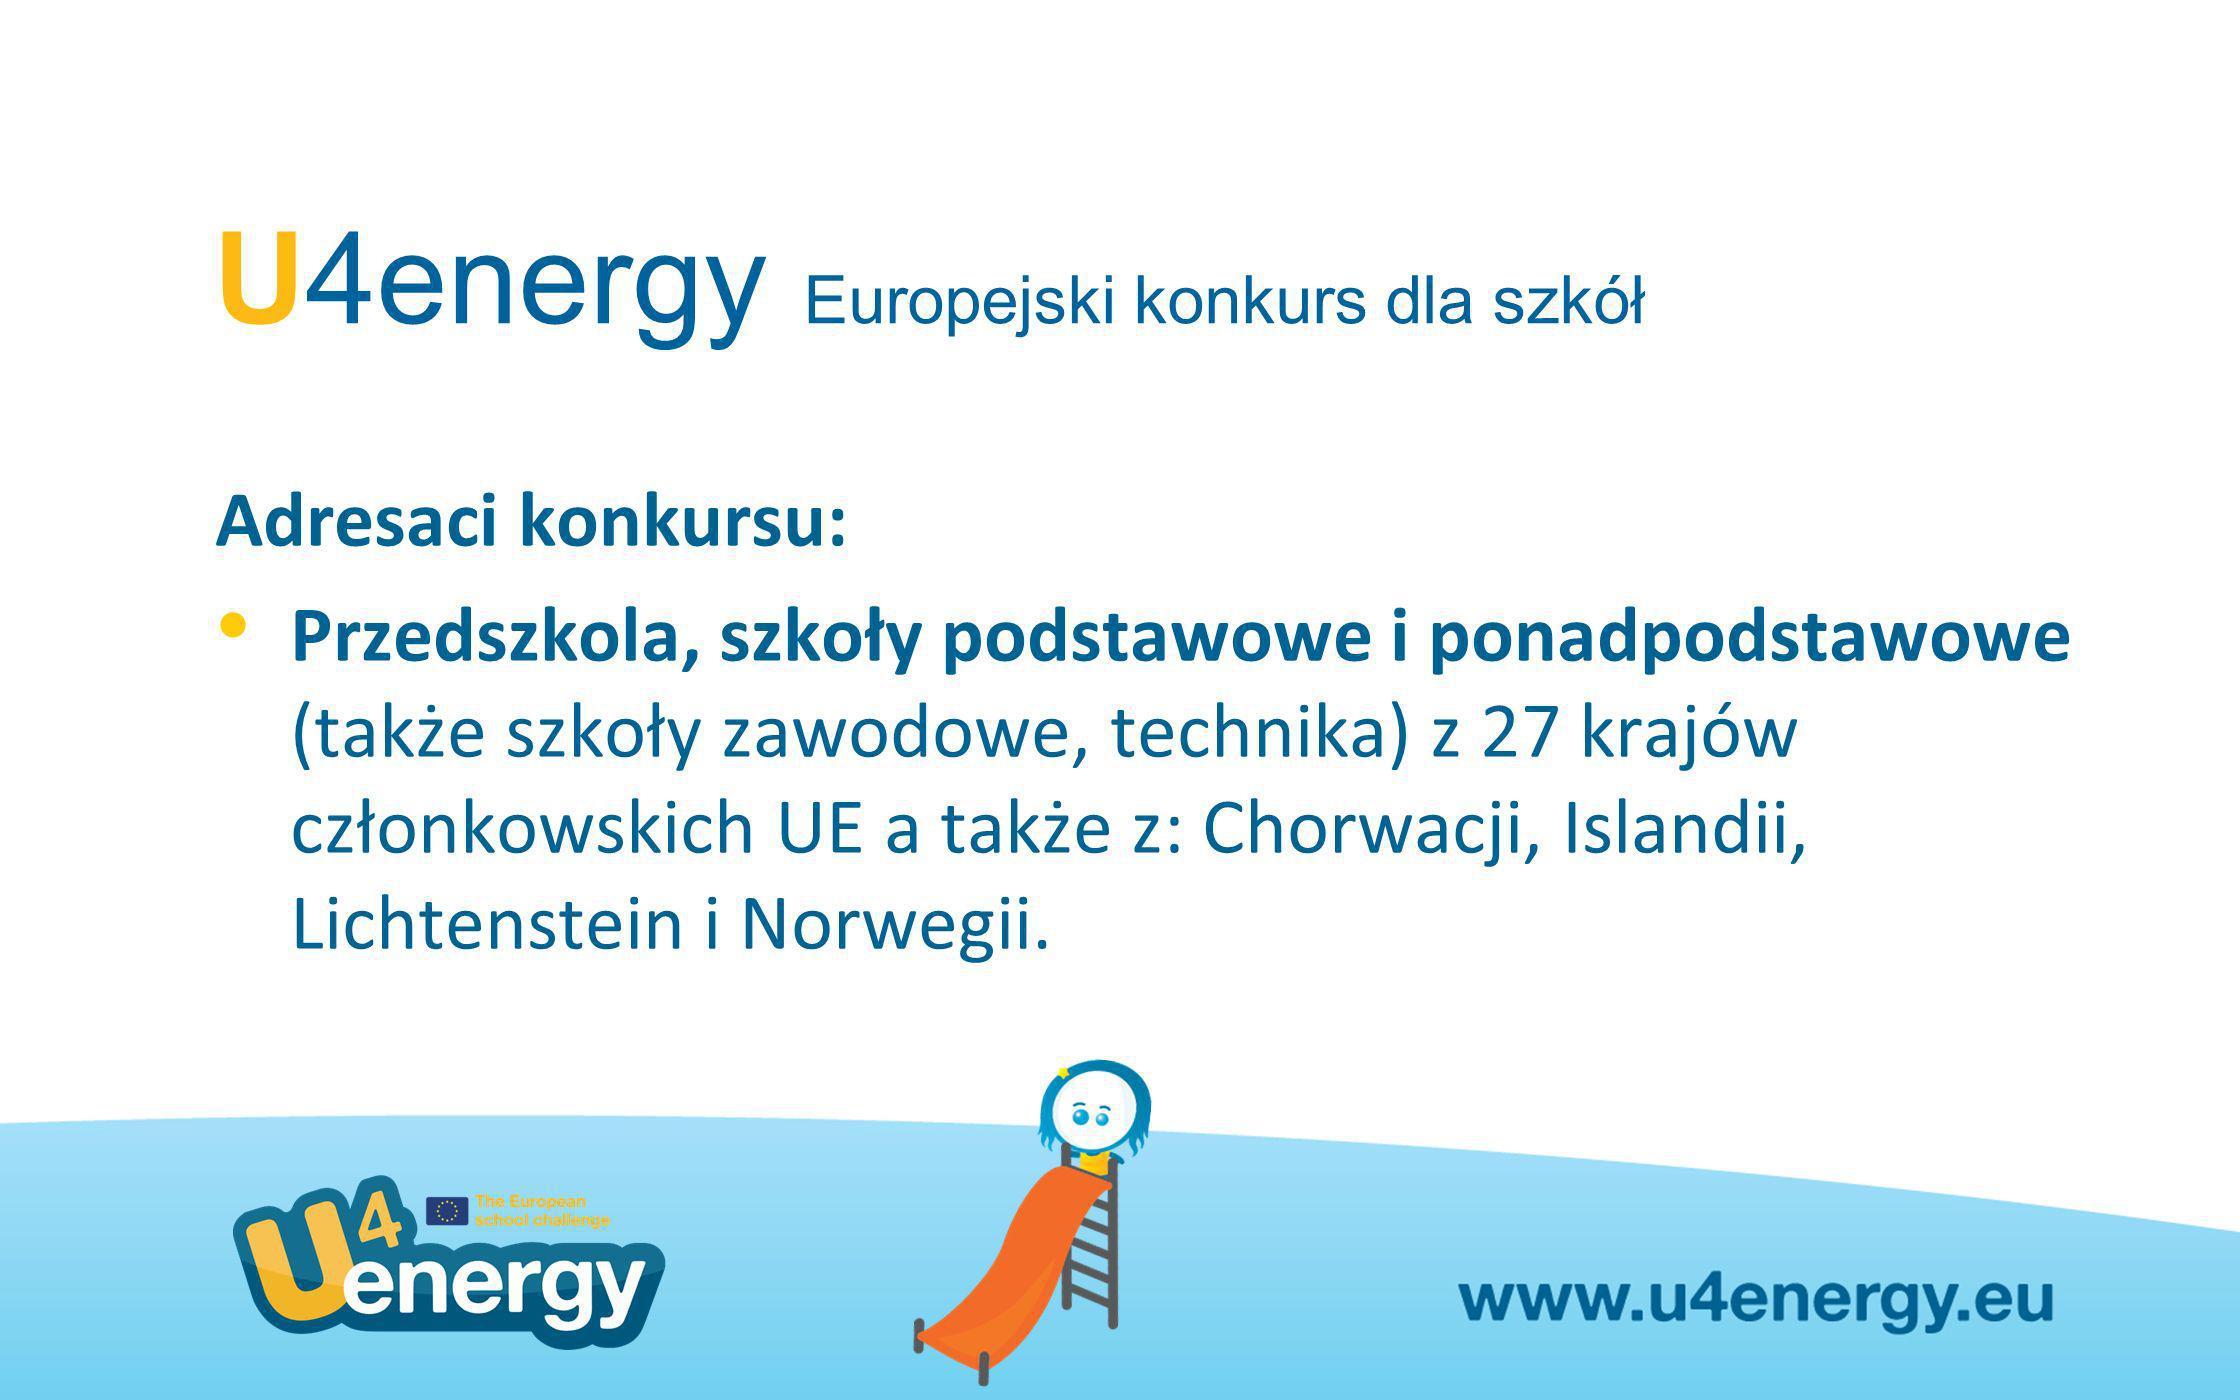 U4energy Europejski konkurs dla szkół Adresaci konkursu: Przedszkola, szkoły podstawowe i ponadpodstawowe (także szkoły zawodowe, technika) z 27 krajó